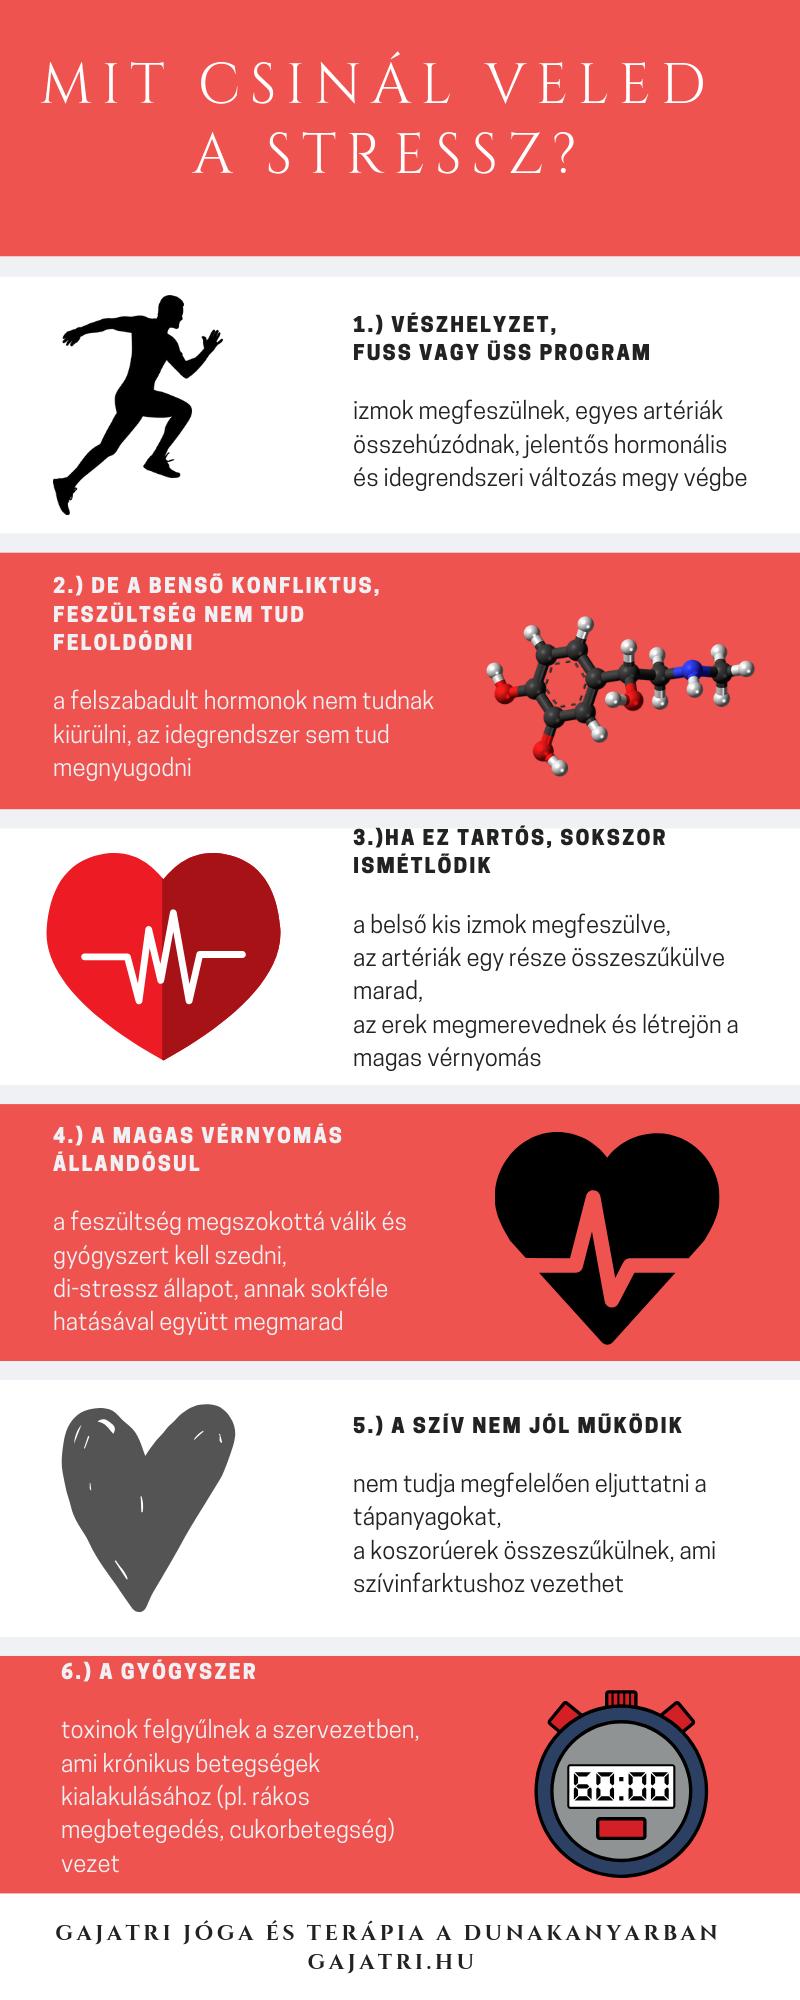 magas vérnyomás hogyan diagnosztizálják csipkebogyó a magas vérnyomás kezelésében